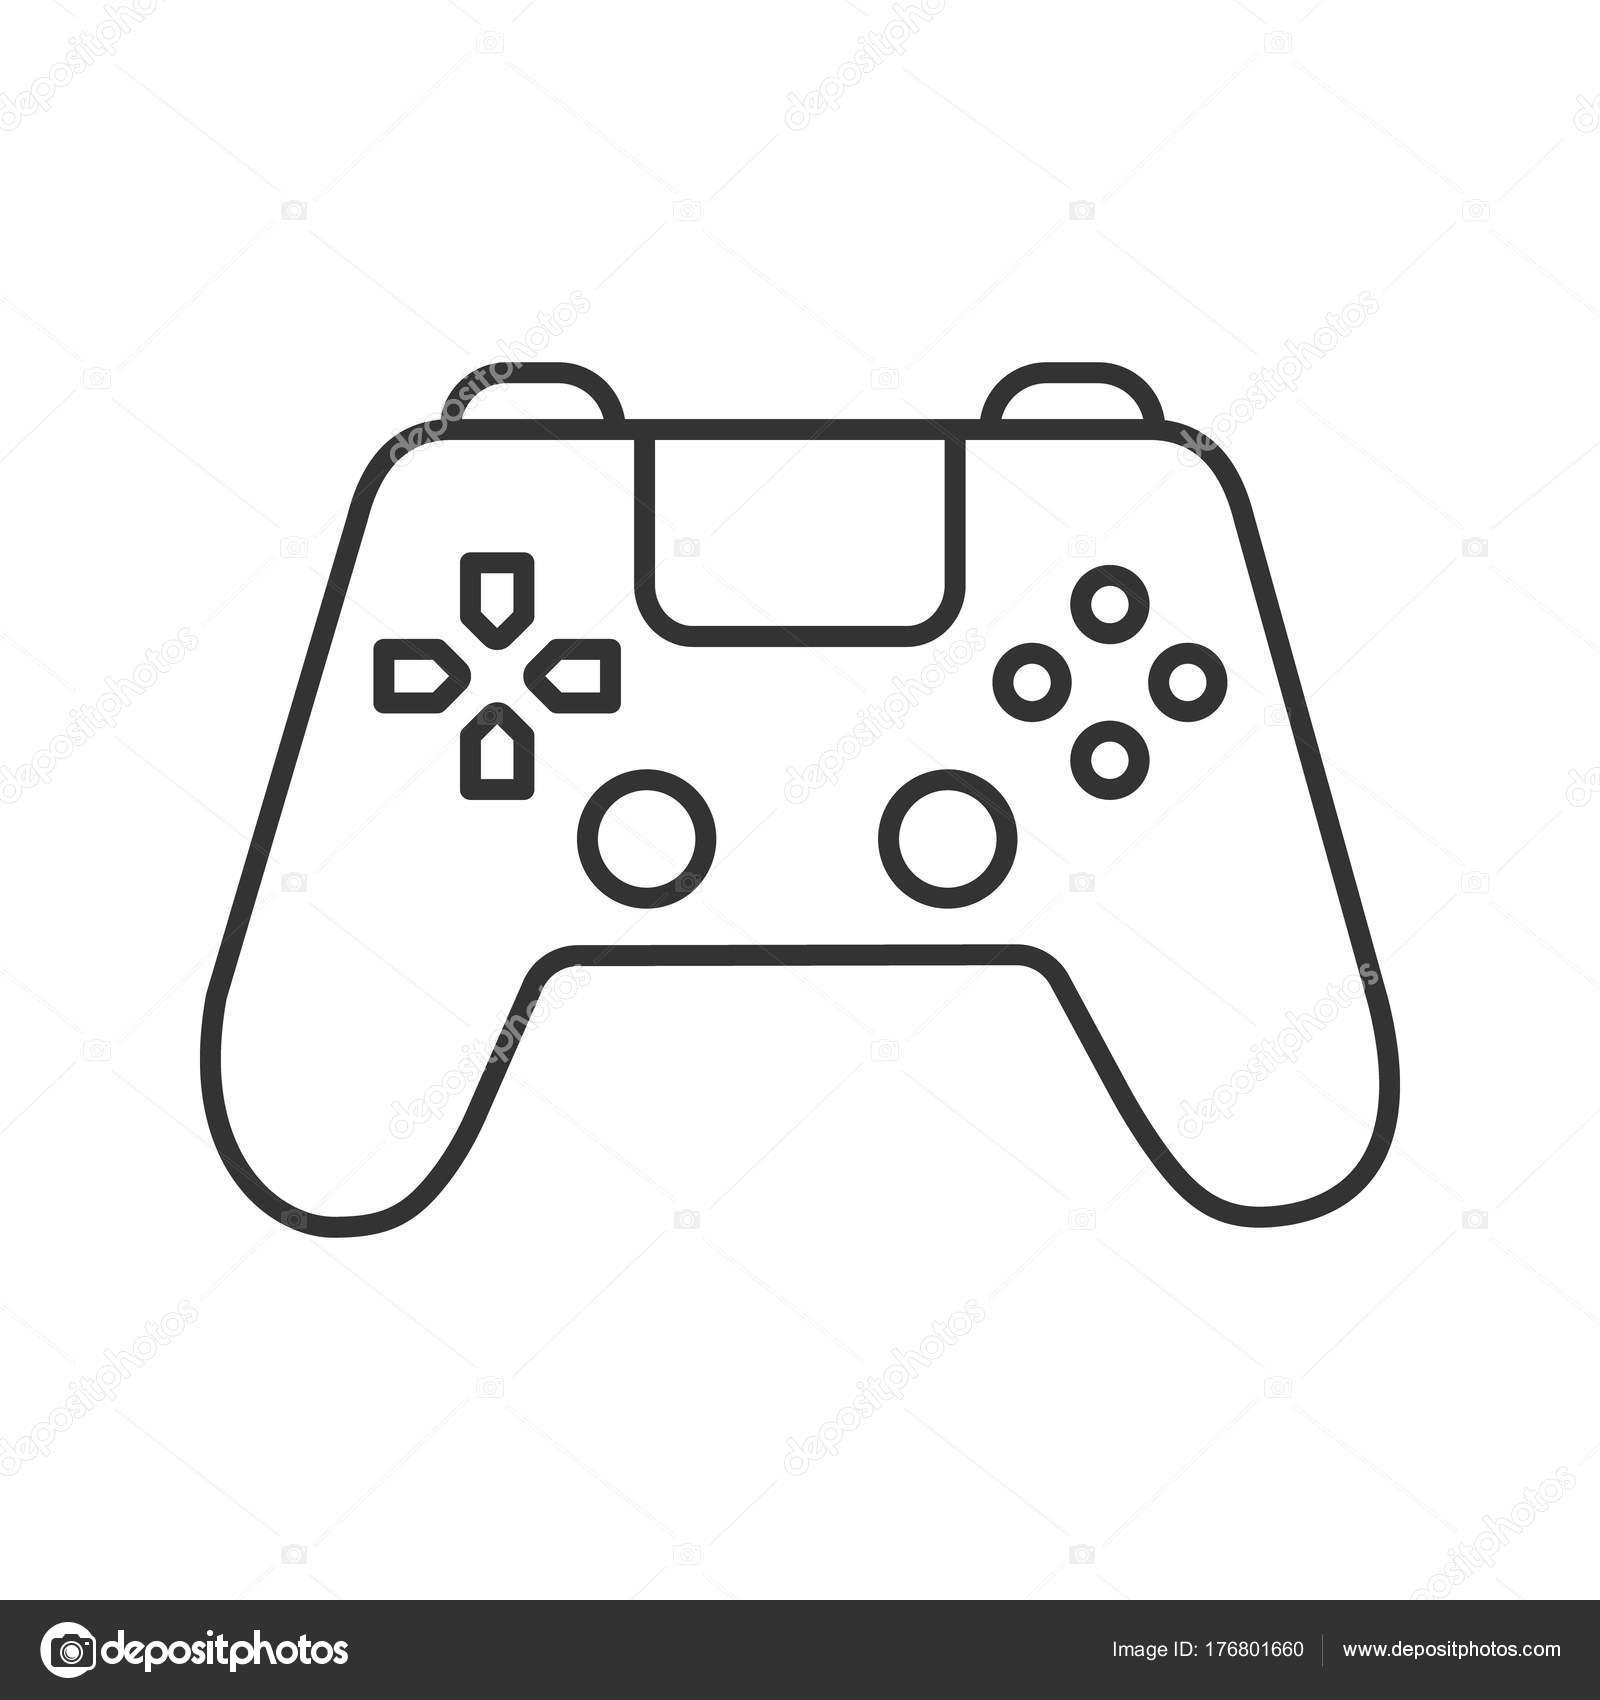 Gamepad Lineaire Pictogram Illustratie Van Dunne Lijn Joystick Contour Symbool